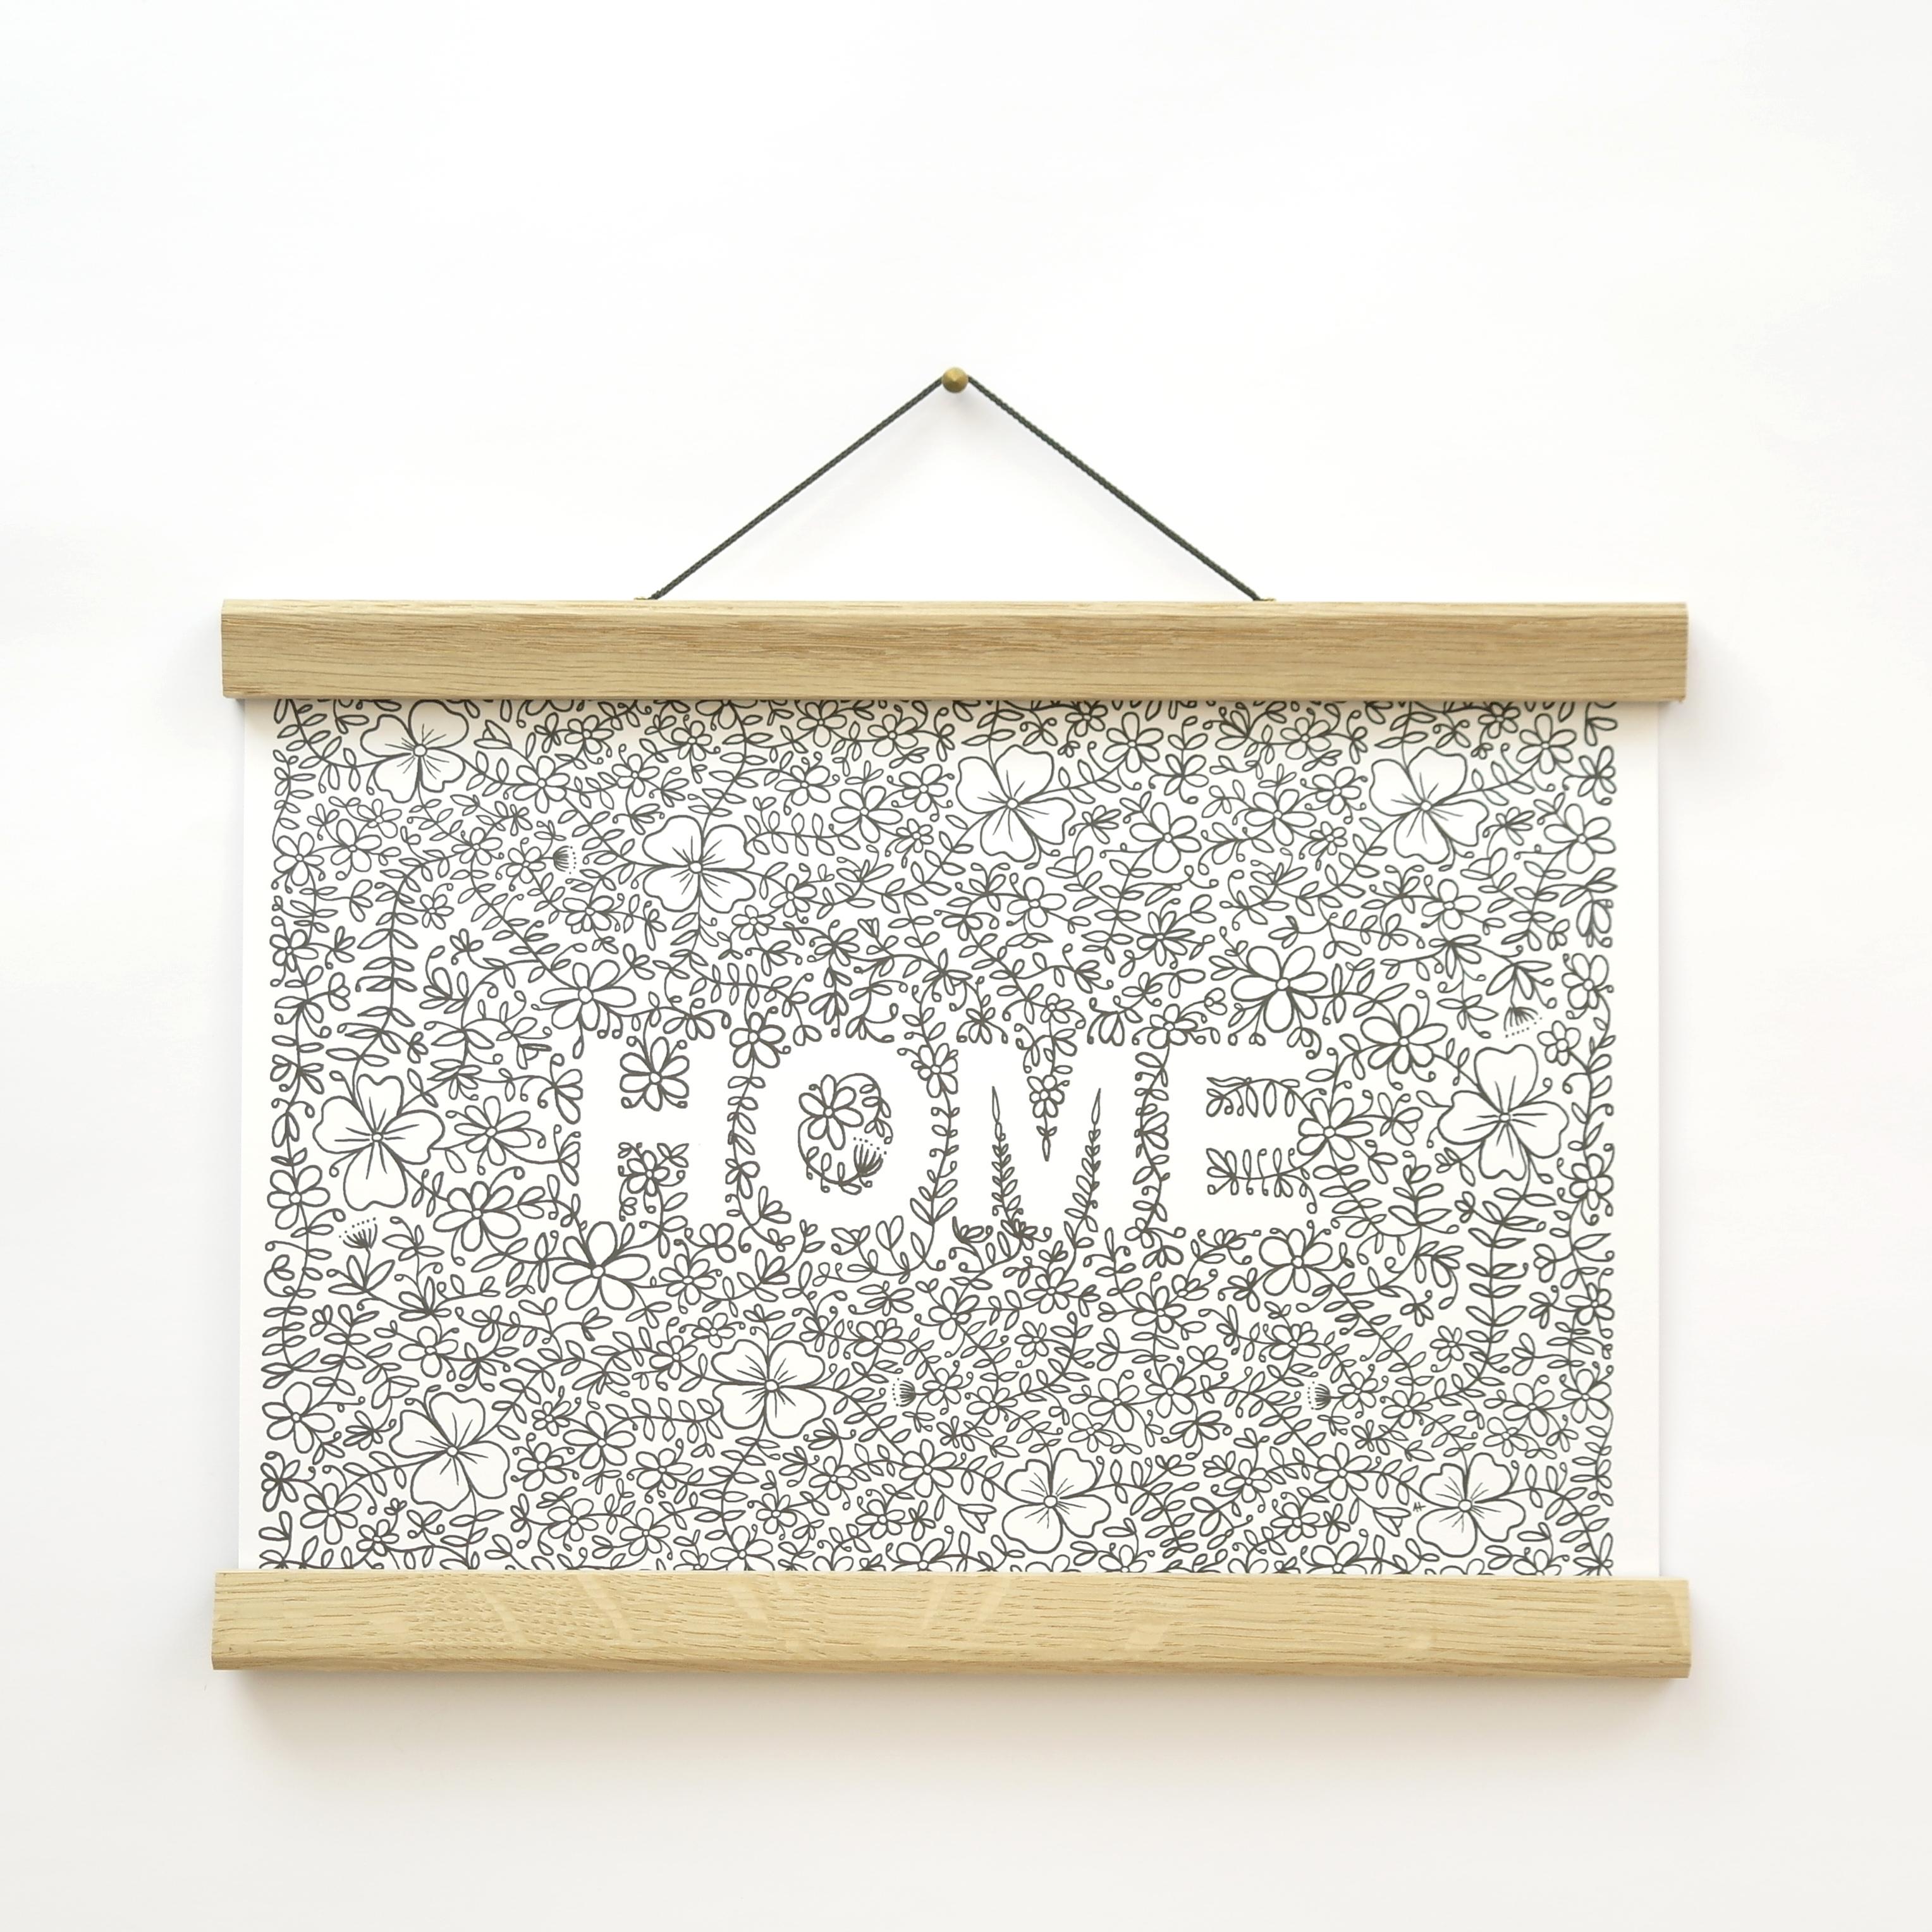 'Home' A4 Landscape Floral Print (unframed)